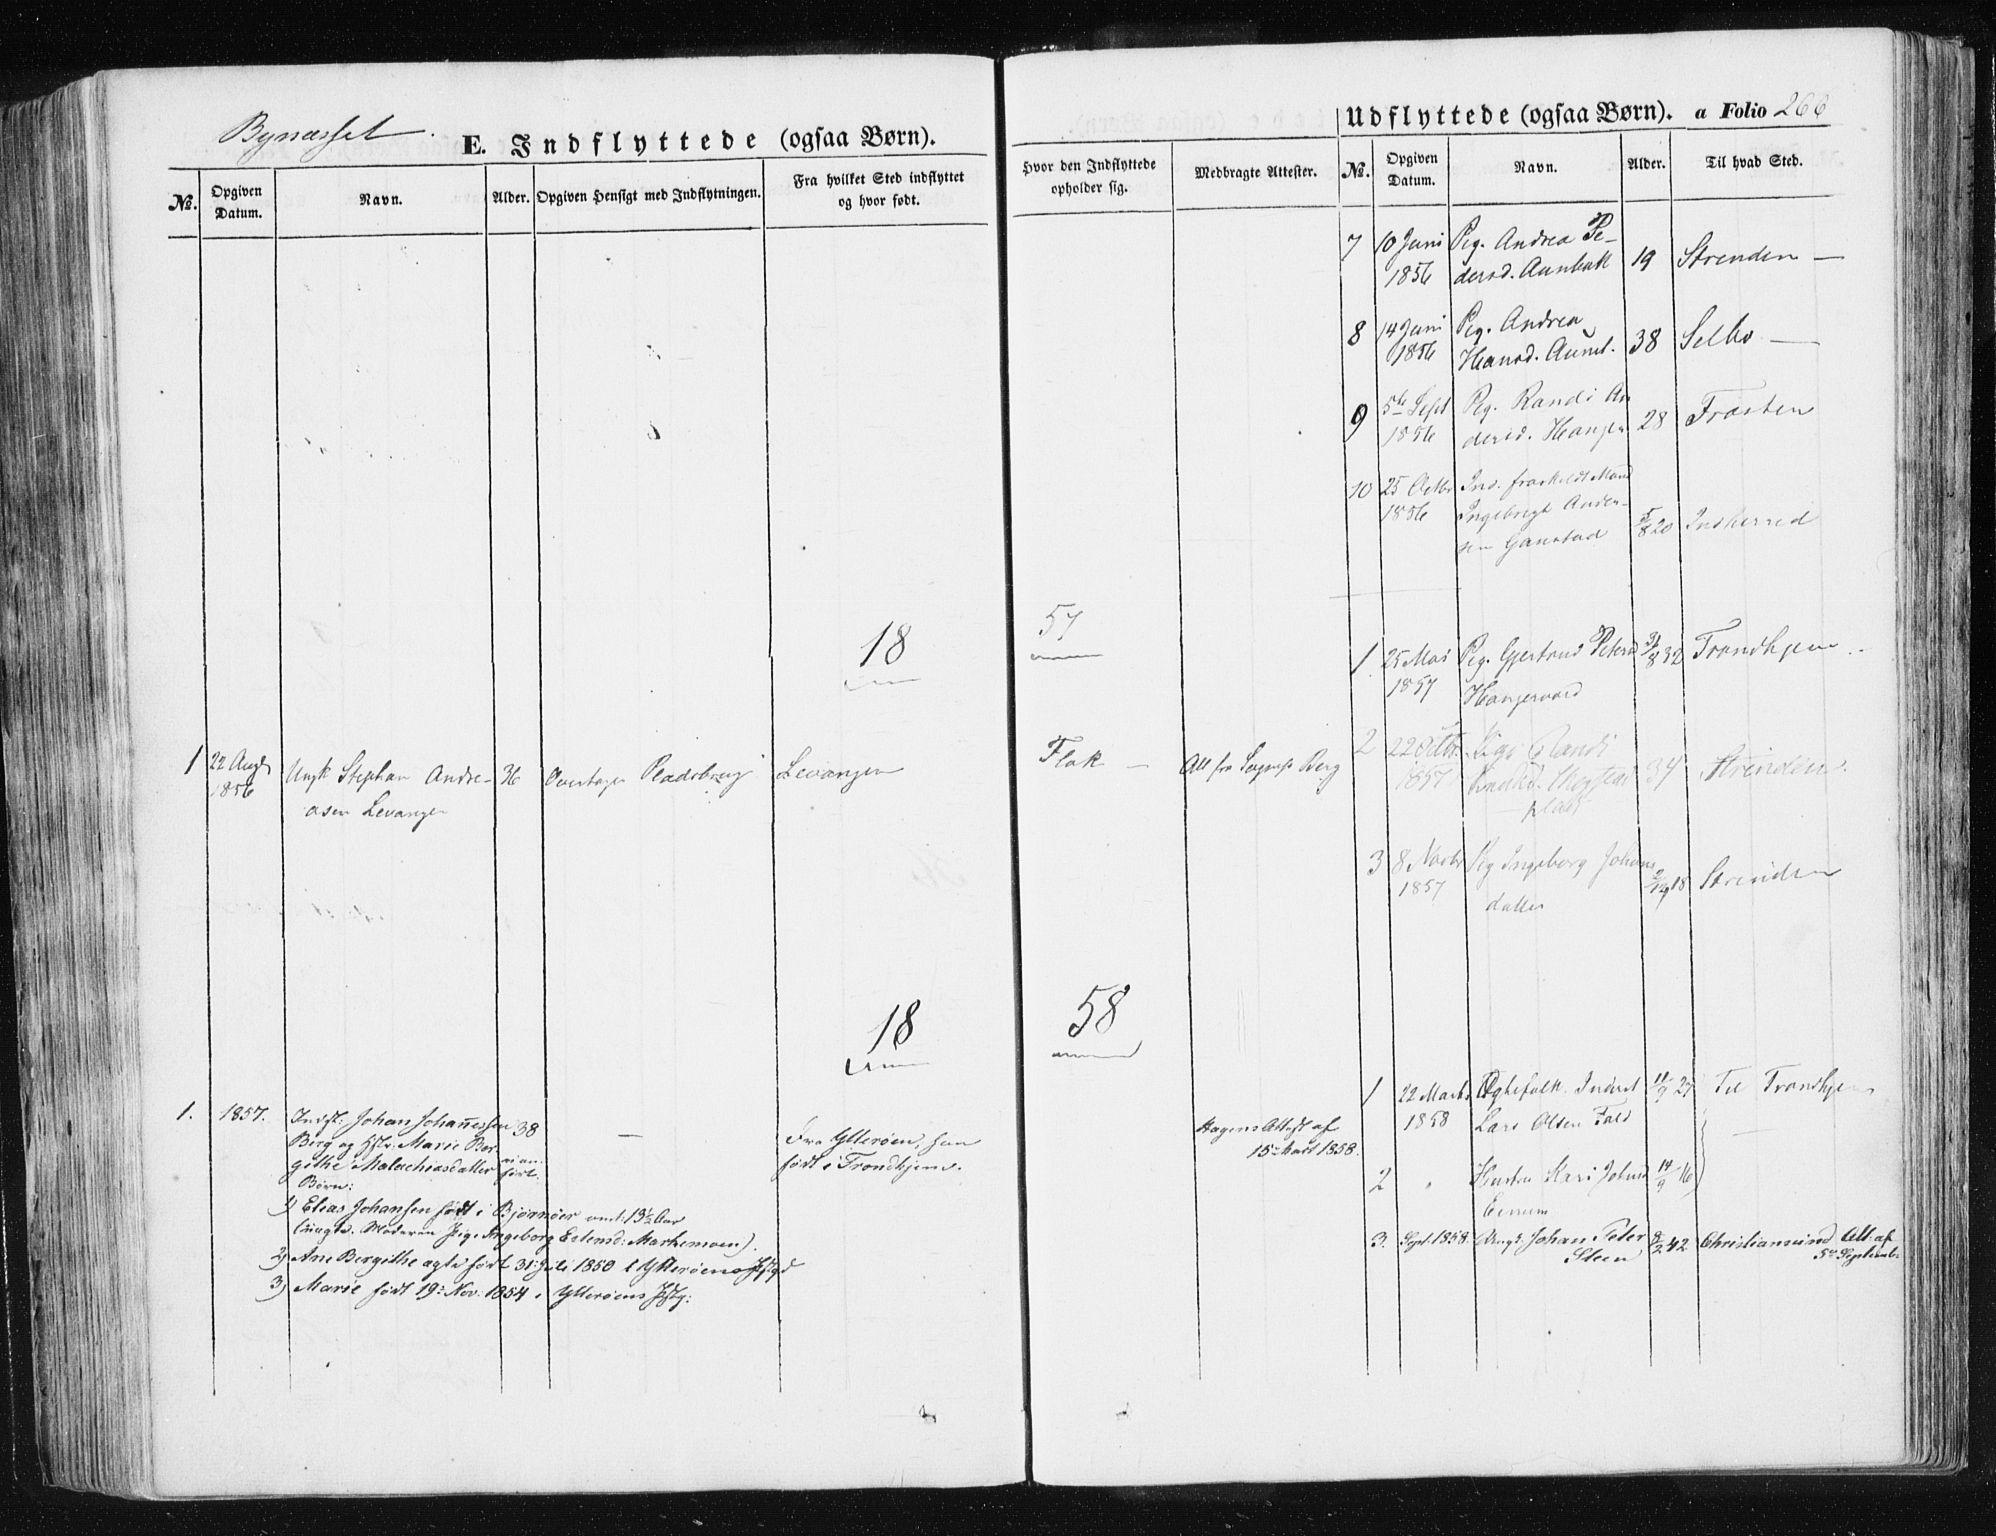 SAT, Ministerialprotokoller, klokkerbøker og fødselsregistre - Sør-Trøndelag, 612/L0376: Ministerialbok nr. 612A08, 1846-1859, s. 266